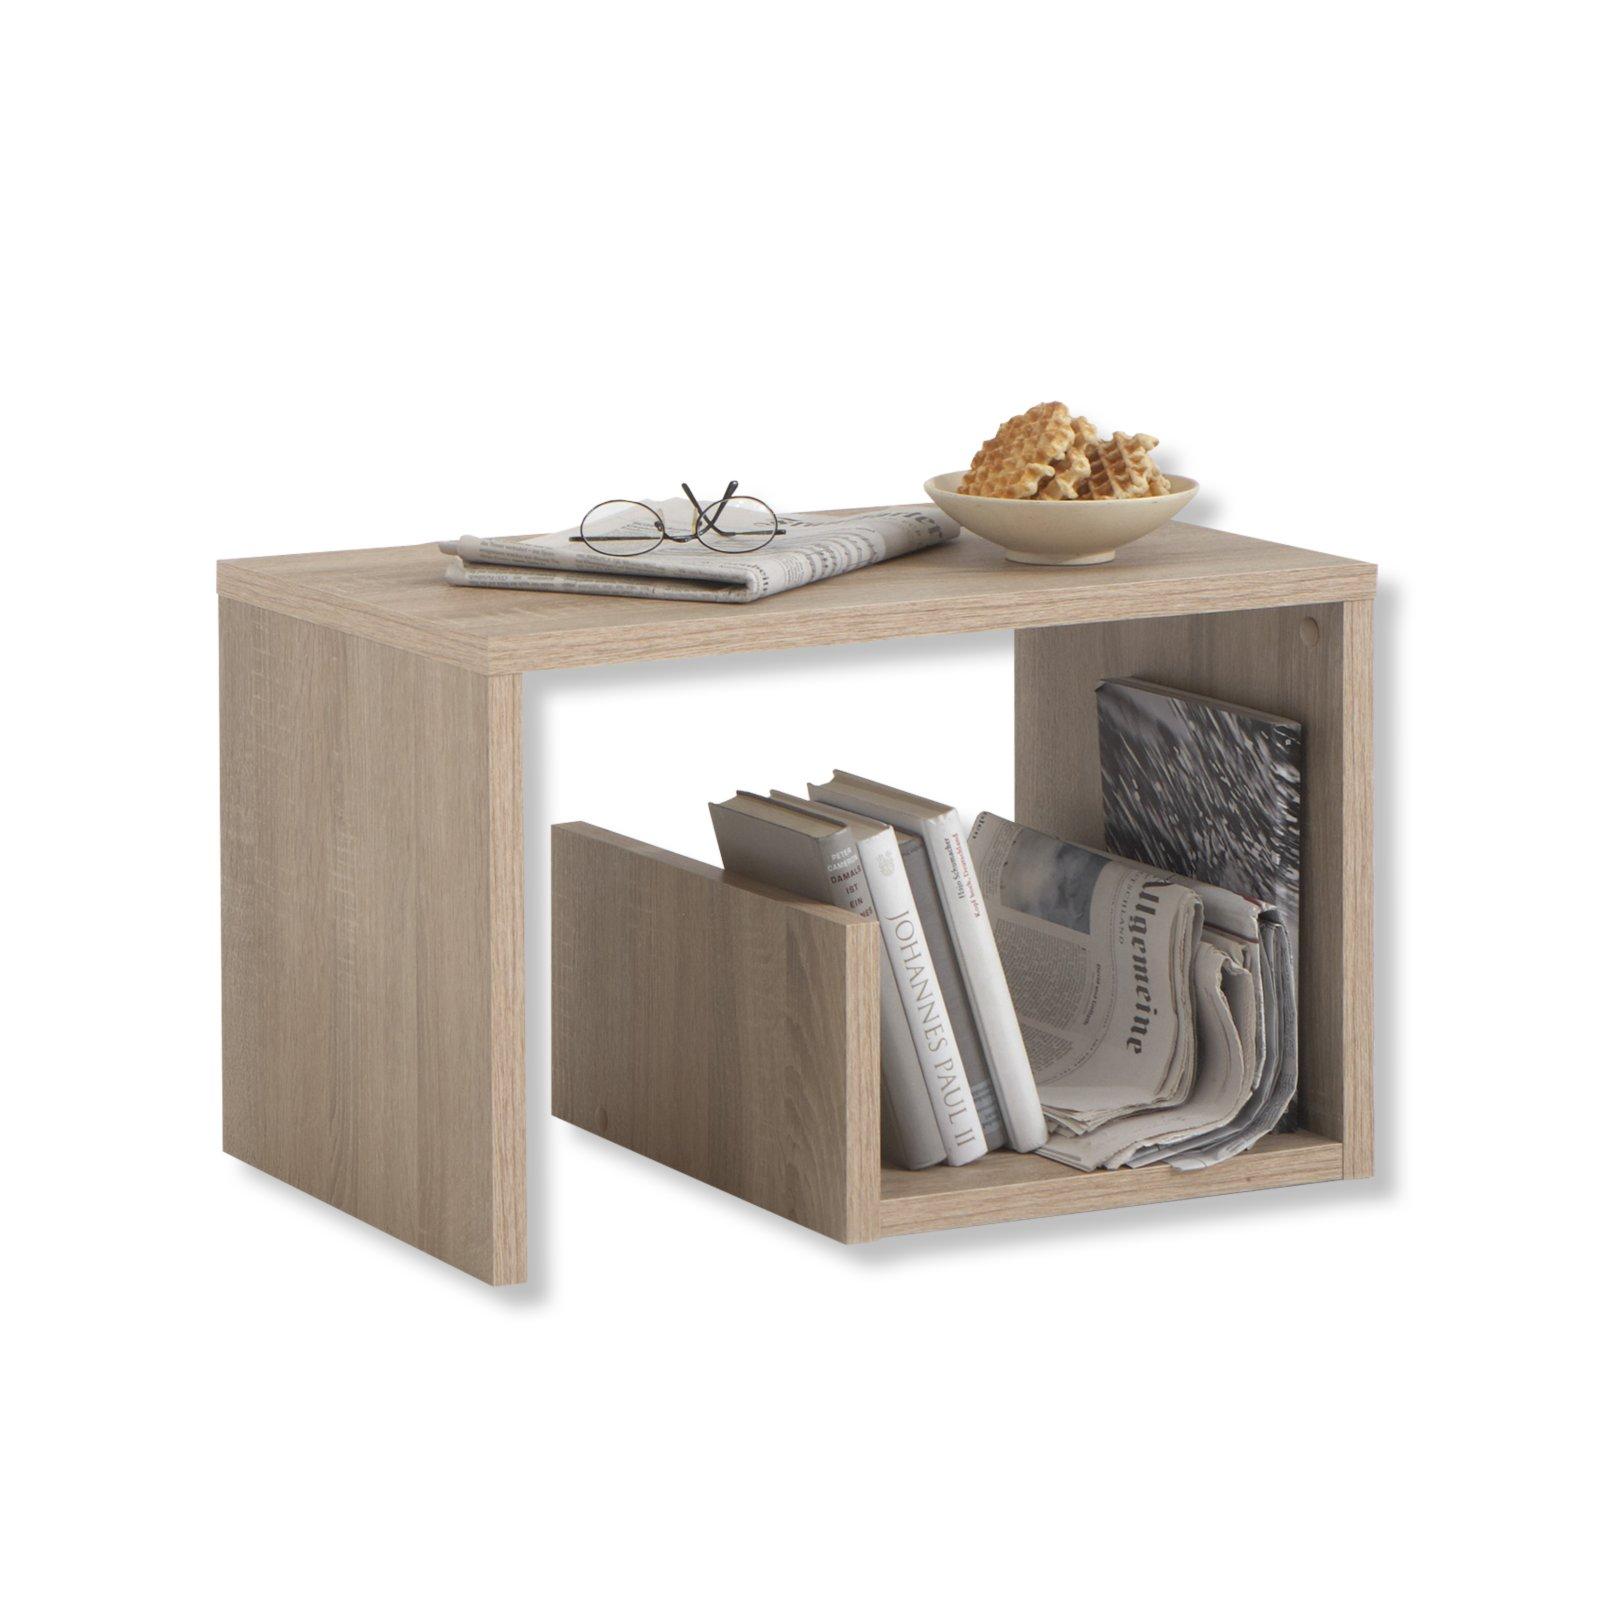 beistelltisch mike sonoma eiche 38 cm h he beistelltische wohnzimmer wohnbereiche. Black Bedroom Furniture Sets. Home Design Ideas